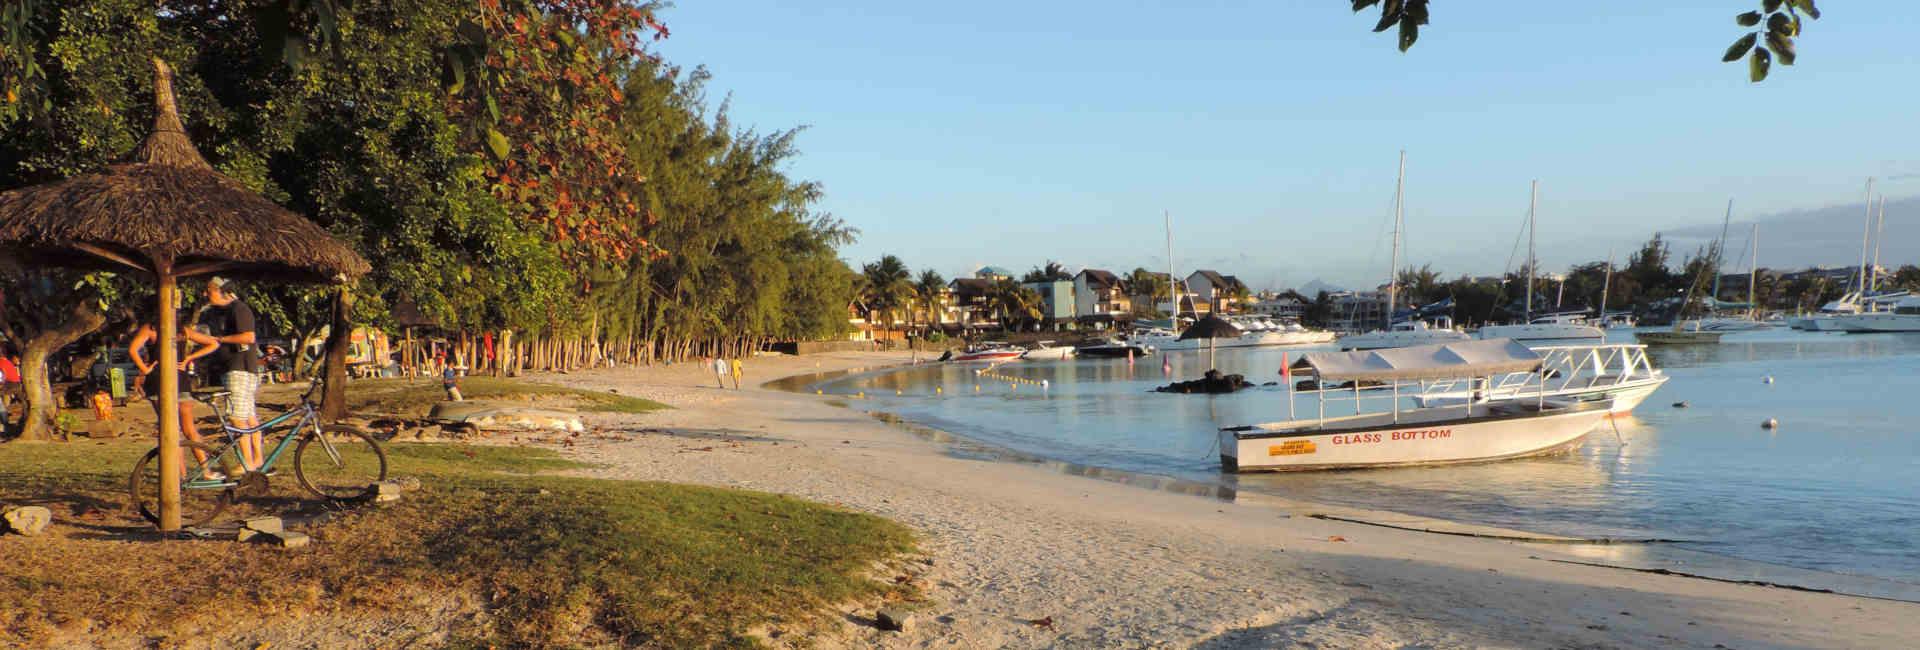 Puesta de sol en Grand Bay Mauricio